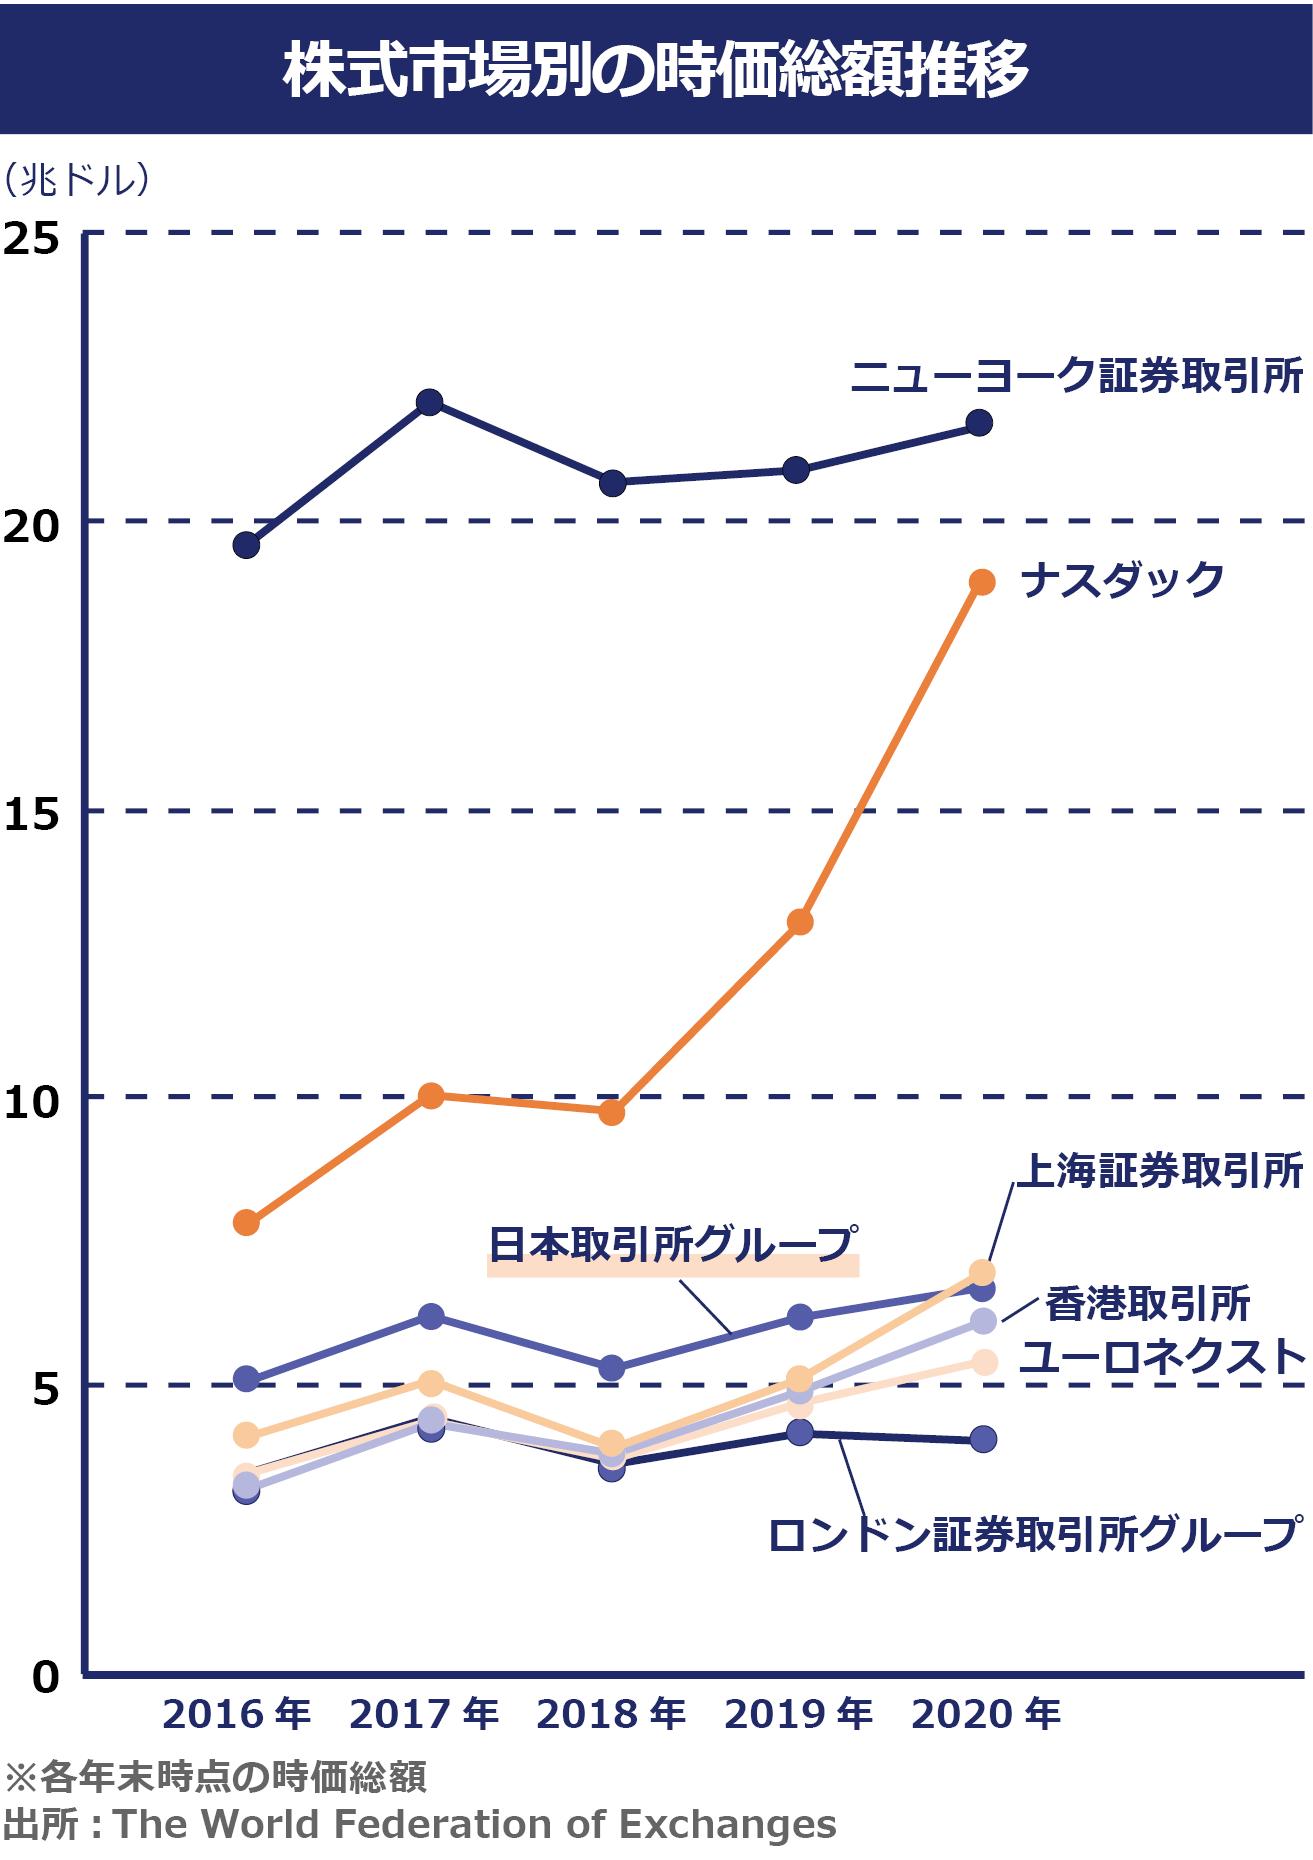 株式市場別の時価総額推移のグラフ